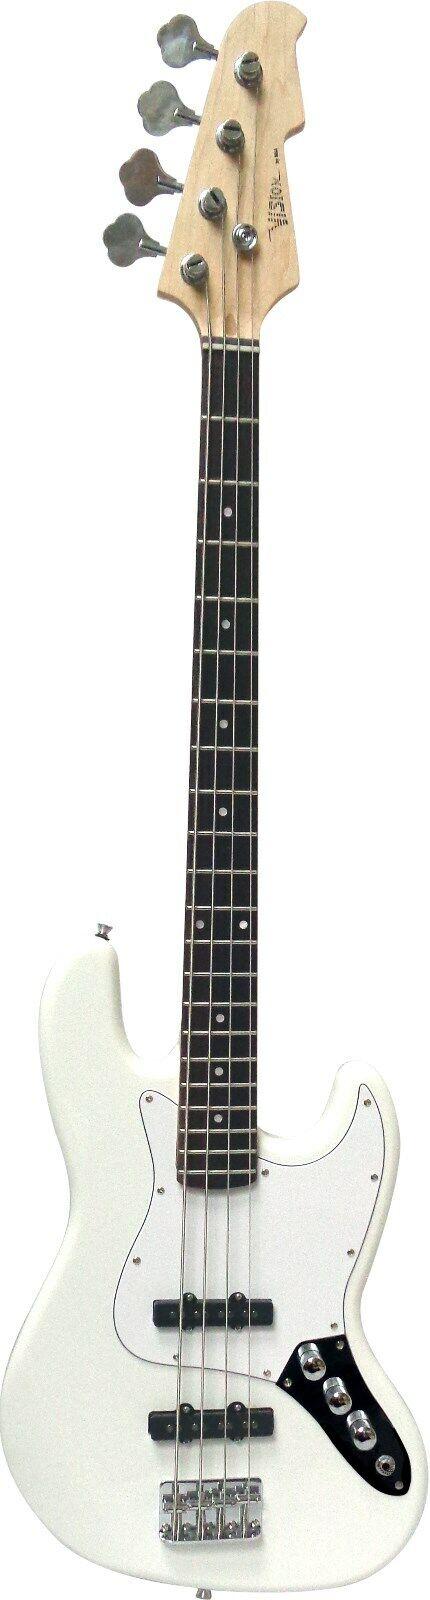 E-Bass-JBS-a E-Bass-JBS-a E-Bass-JBS-a - w en blancoo, con digitai, Sound dirección de estilo jazz-Bass    n  compra limitada